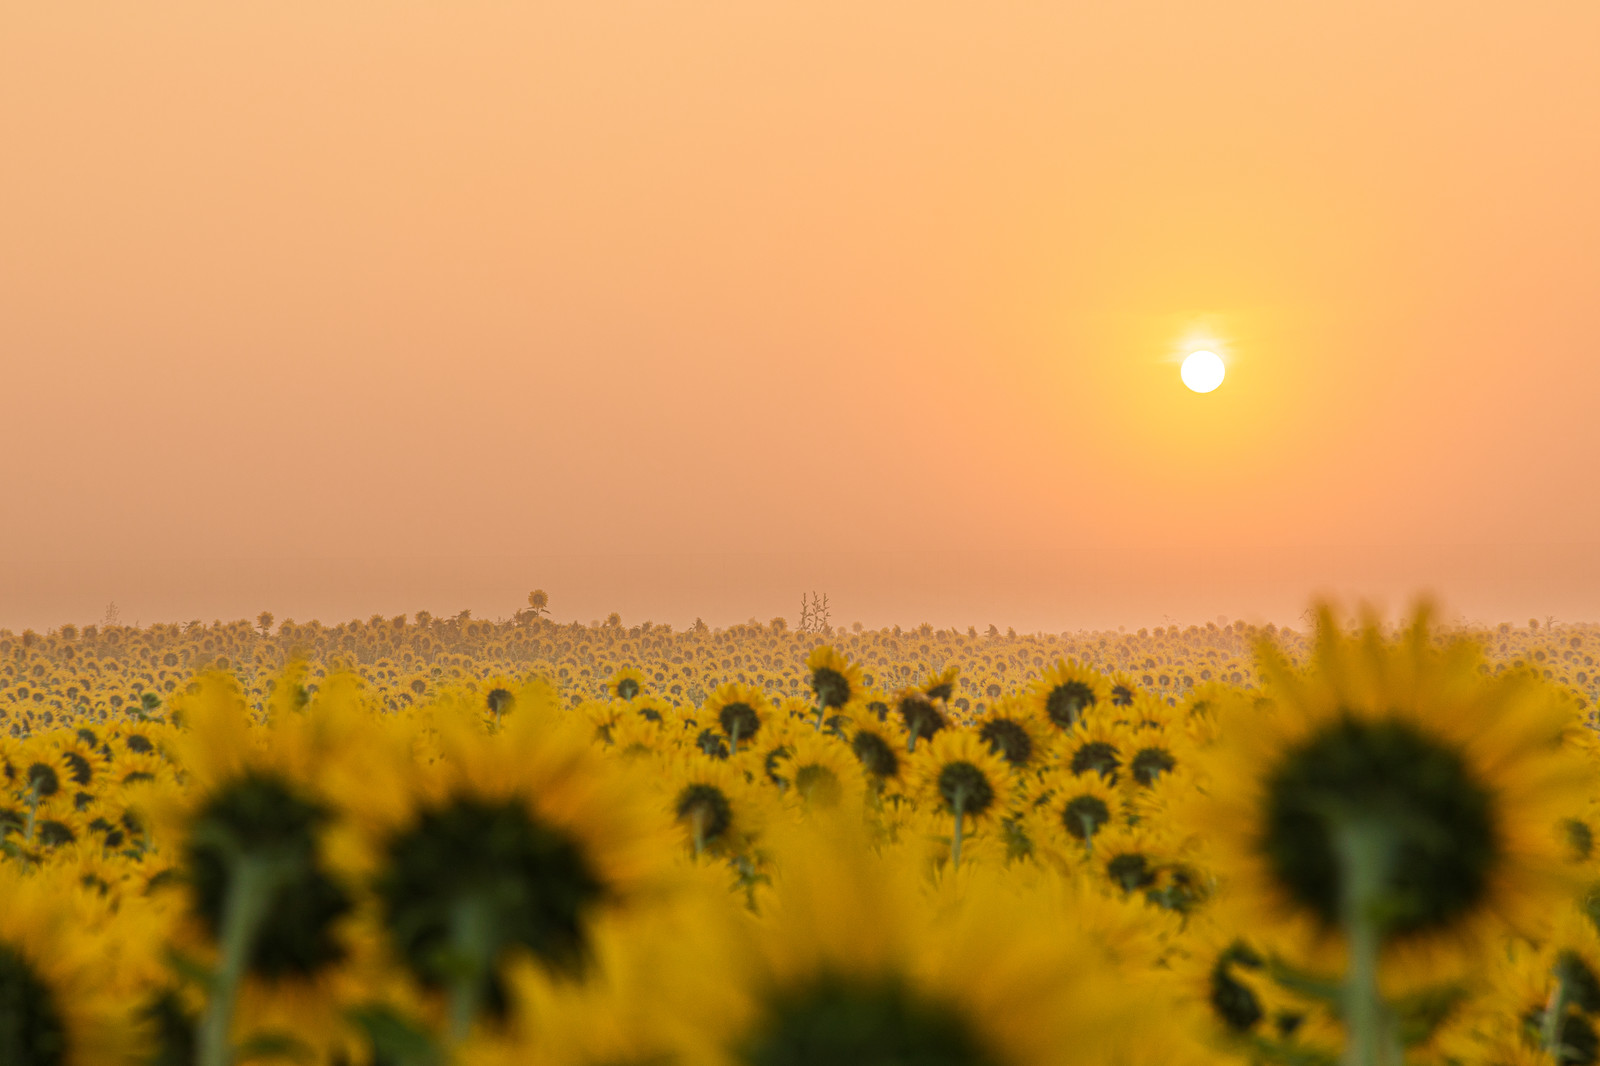 「朝霧に浮かぶ朝日と向日葵畑」の写真